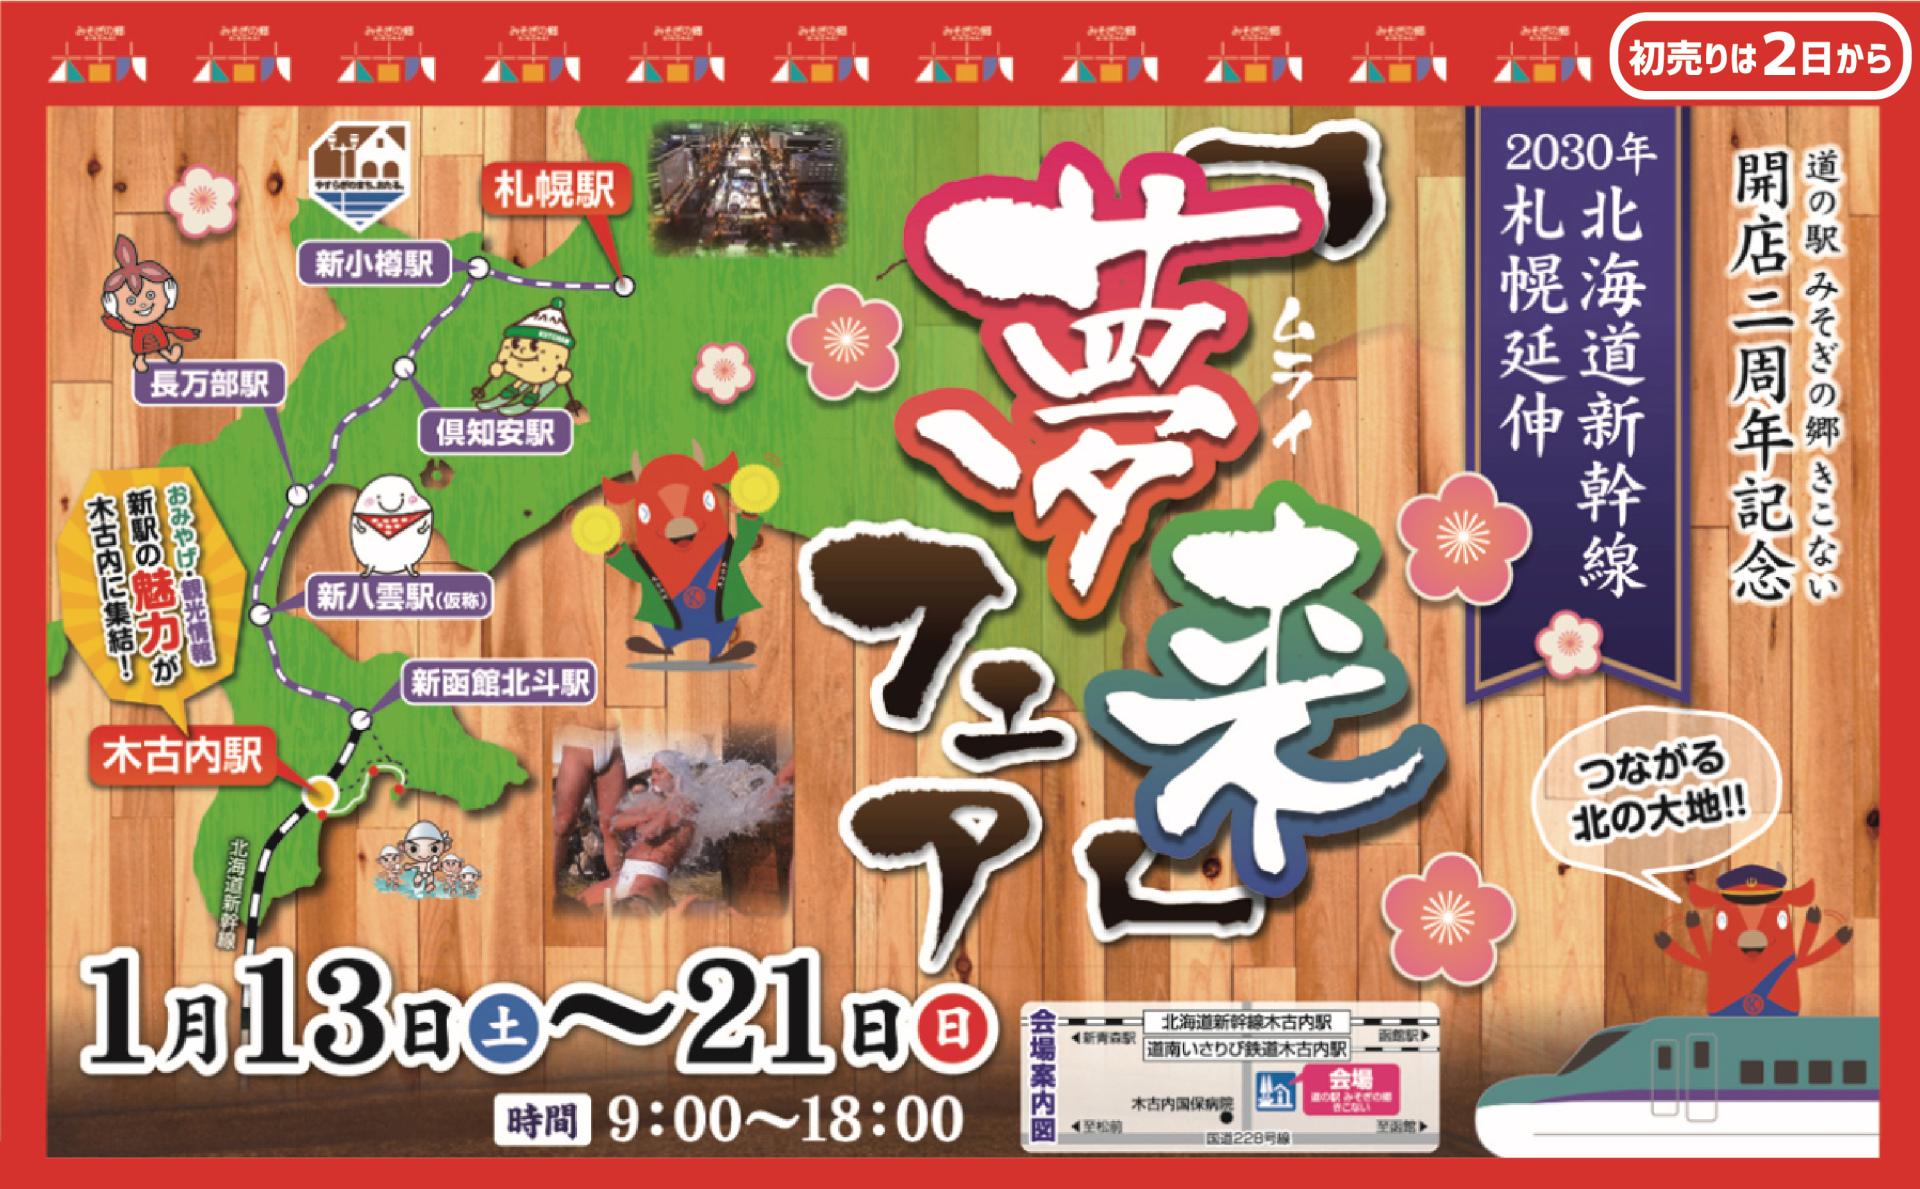 【もうすぐオープン2周年】北海道新幹線の札幌延伸を盛り上げる「夢来フェア」開催!